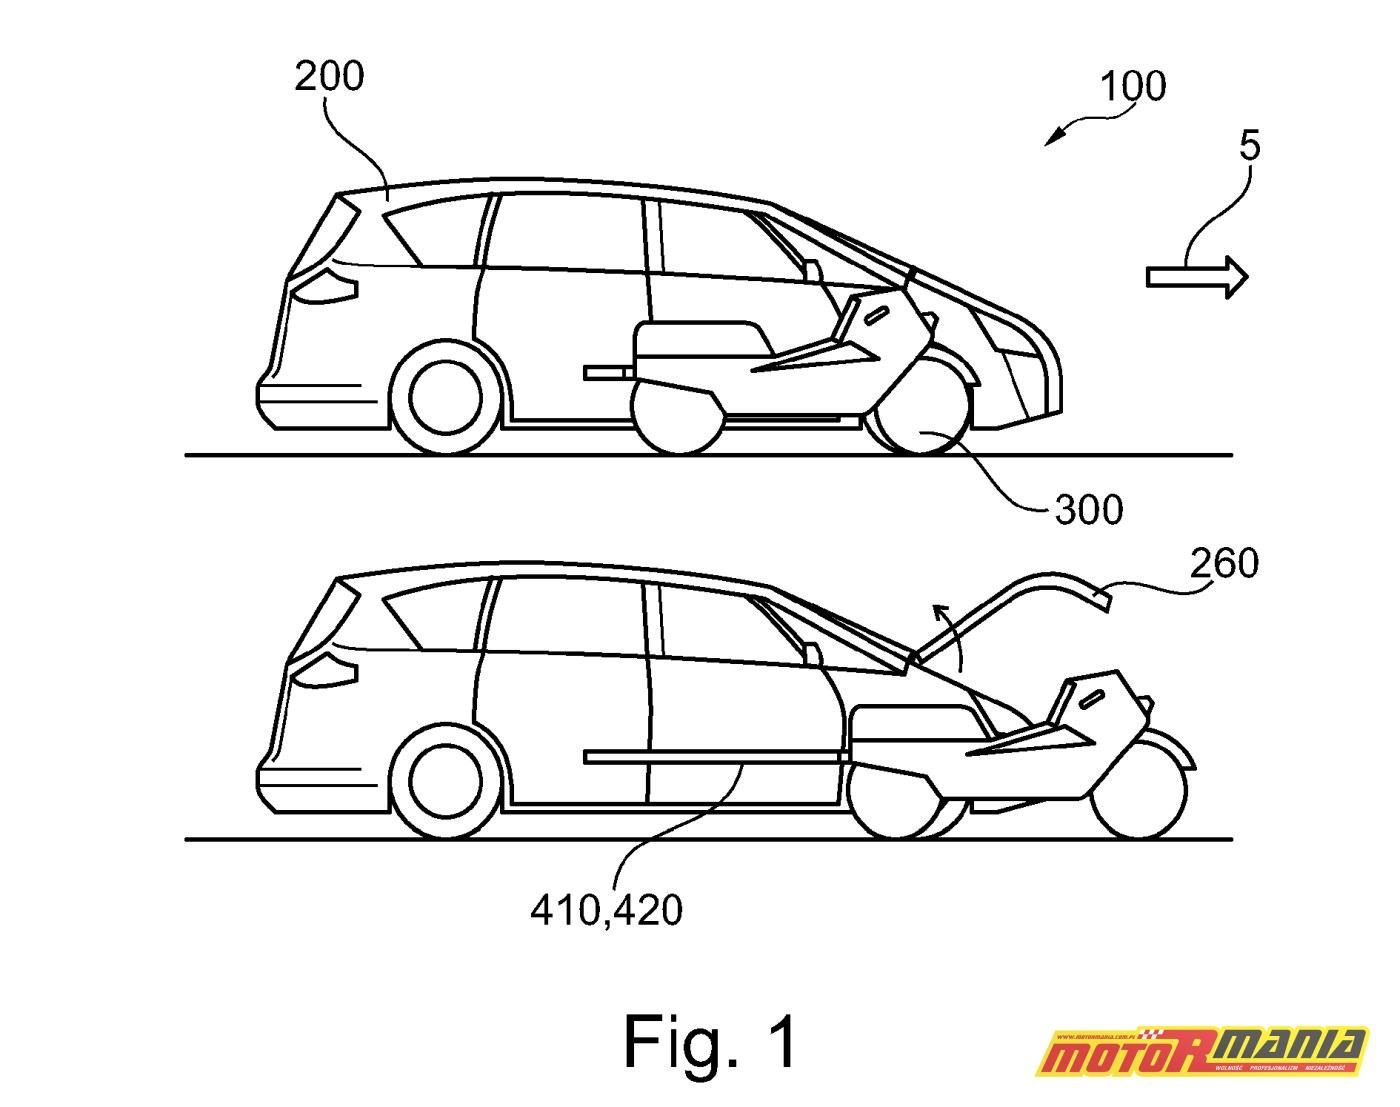 Ford motocykl samochód patent (3)